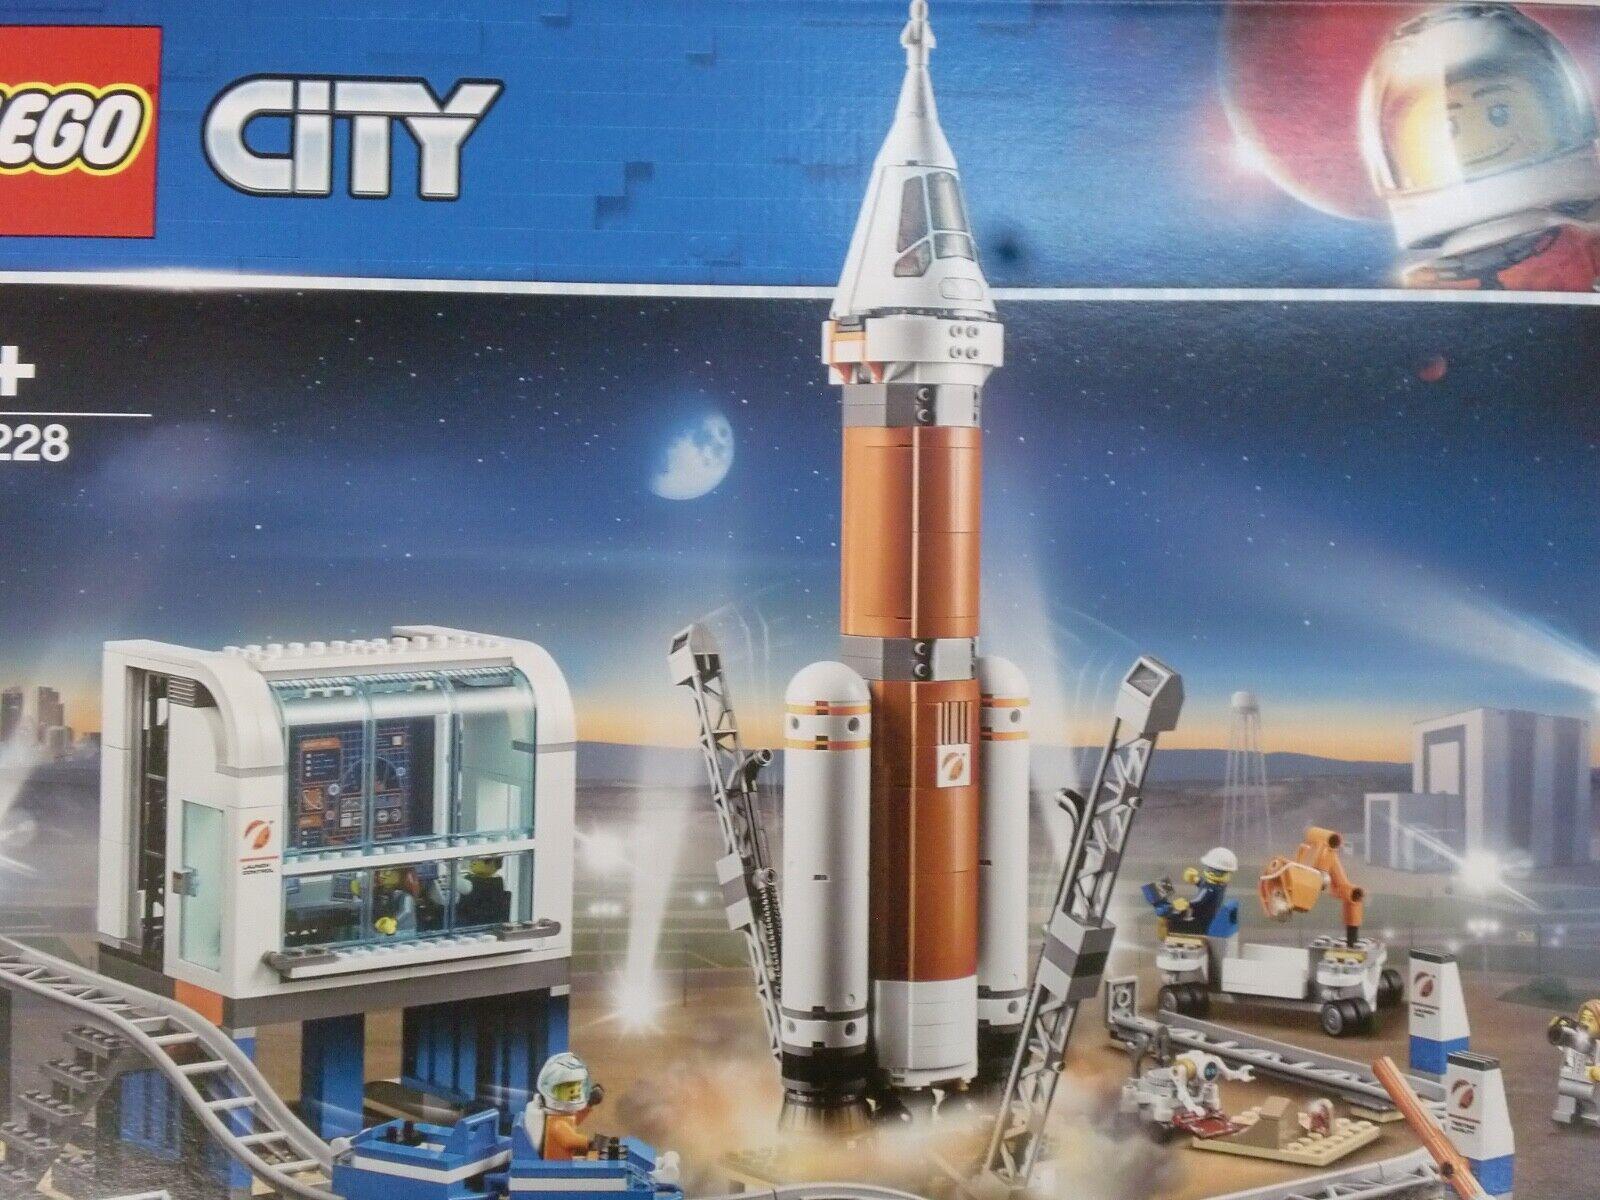 LEGO 60228 - RAZZO SPAZIALE E CENTRO DI CONTROLLO  - SERIE CITY